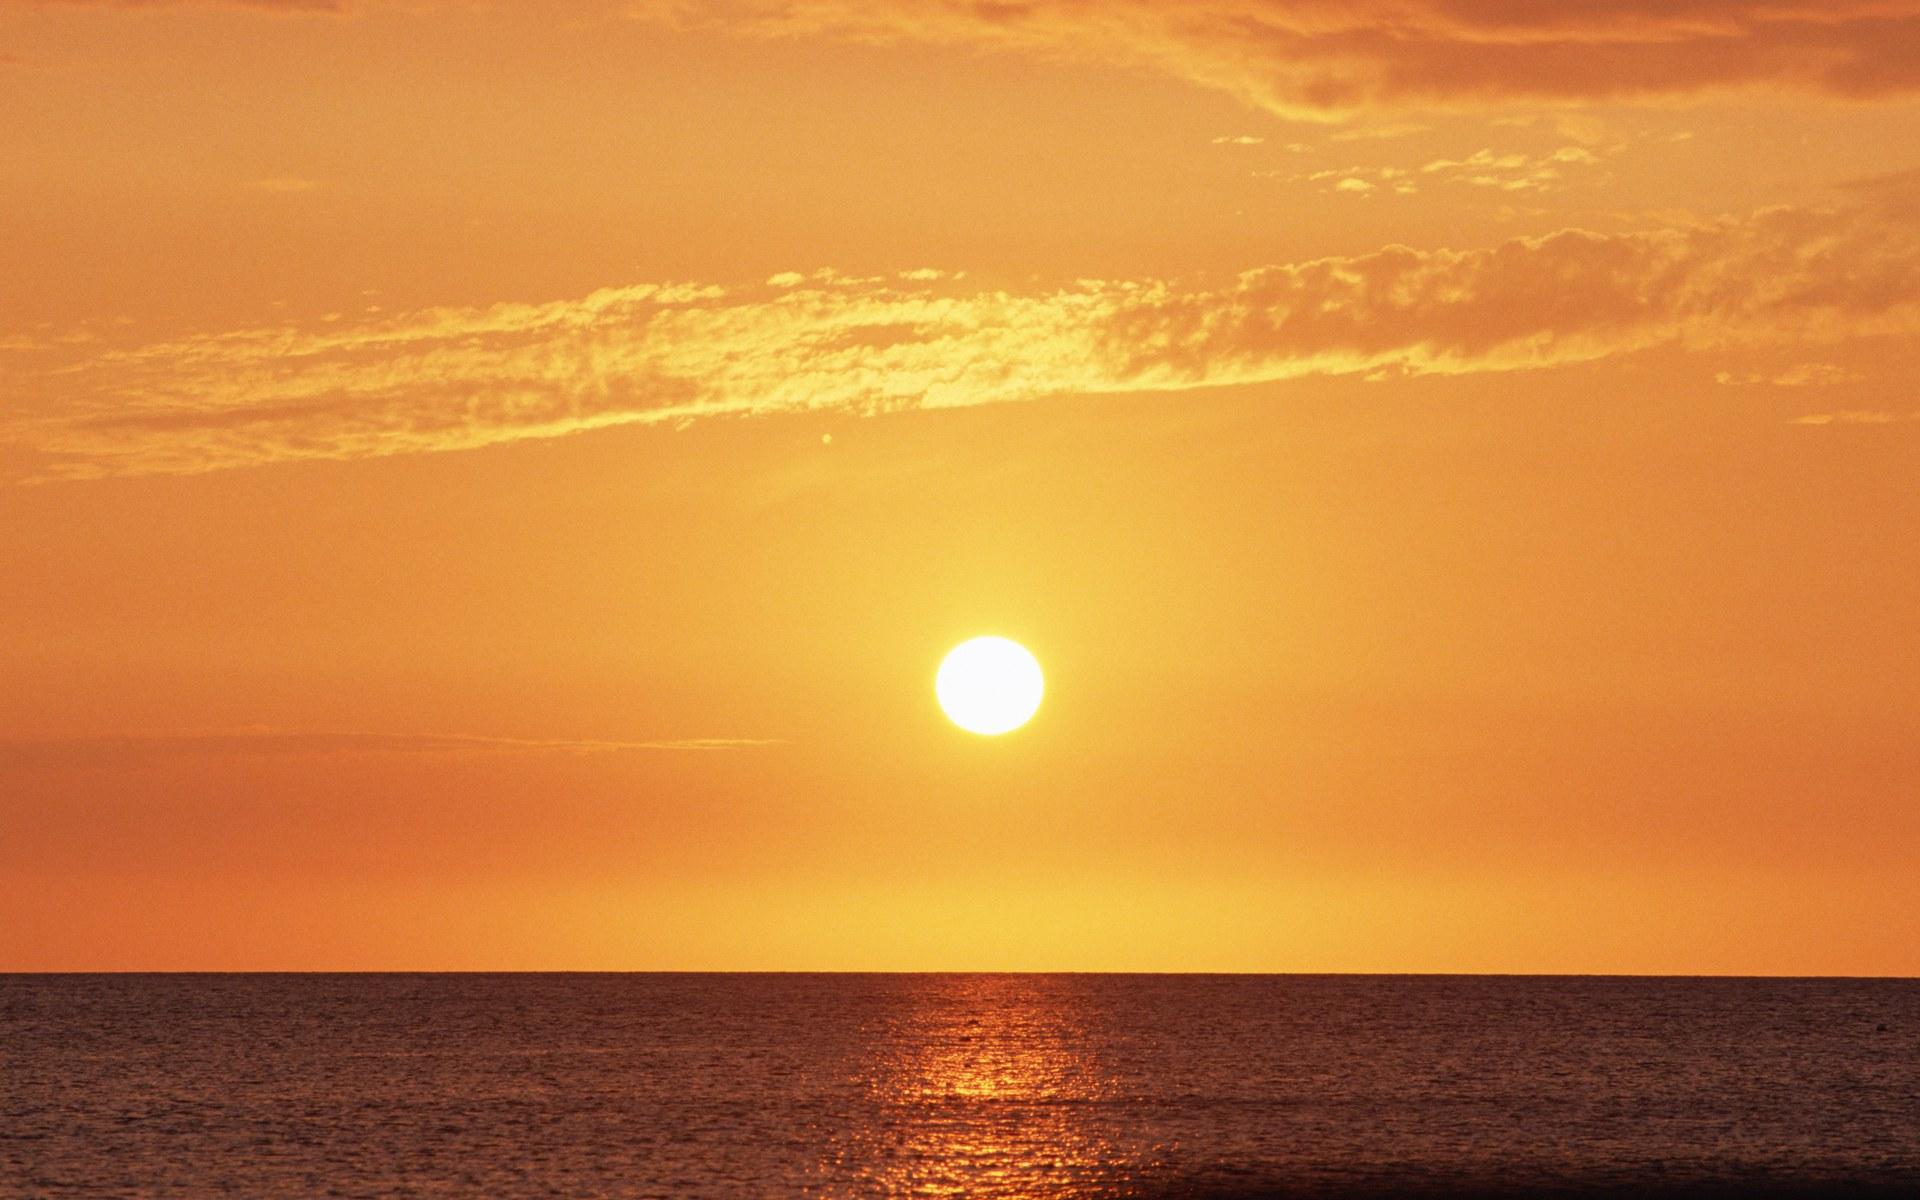 海面日出日落壁纸,夏威夷浪漫海滩壁纸图片-风景壁纸-风景图片素材